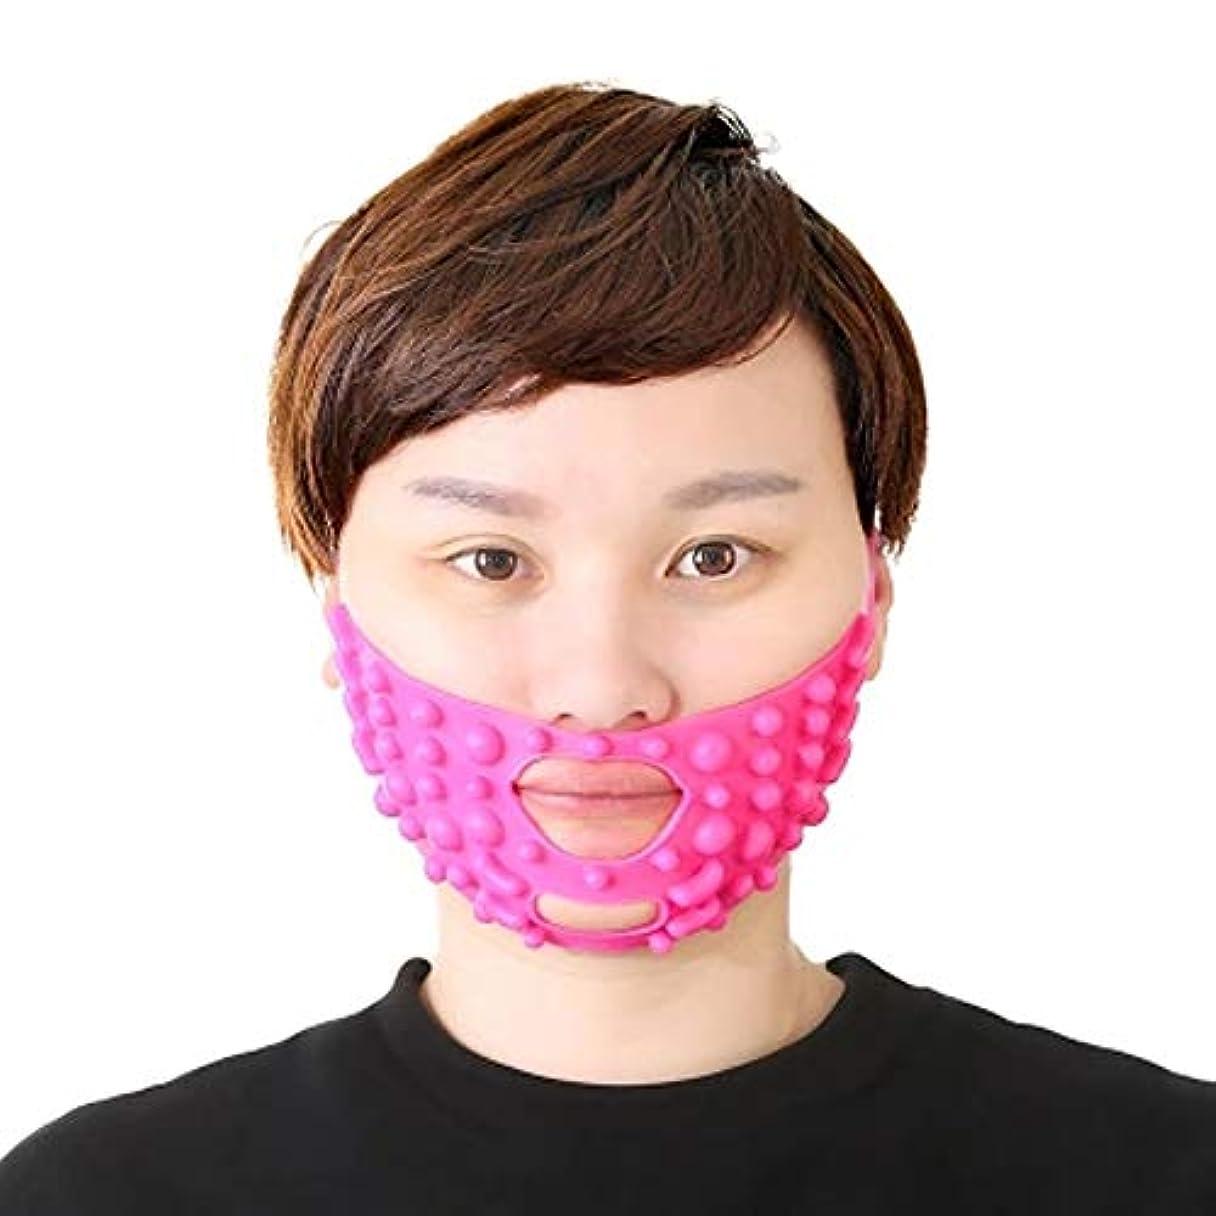 マイナスシンプルな宣言ダブルの顎のストラップ、顔のマッサージの包帯を持ち上げて持ち上げて小さなVフェイスのマスク薄い顔の人工物